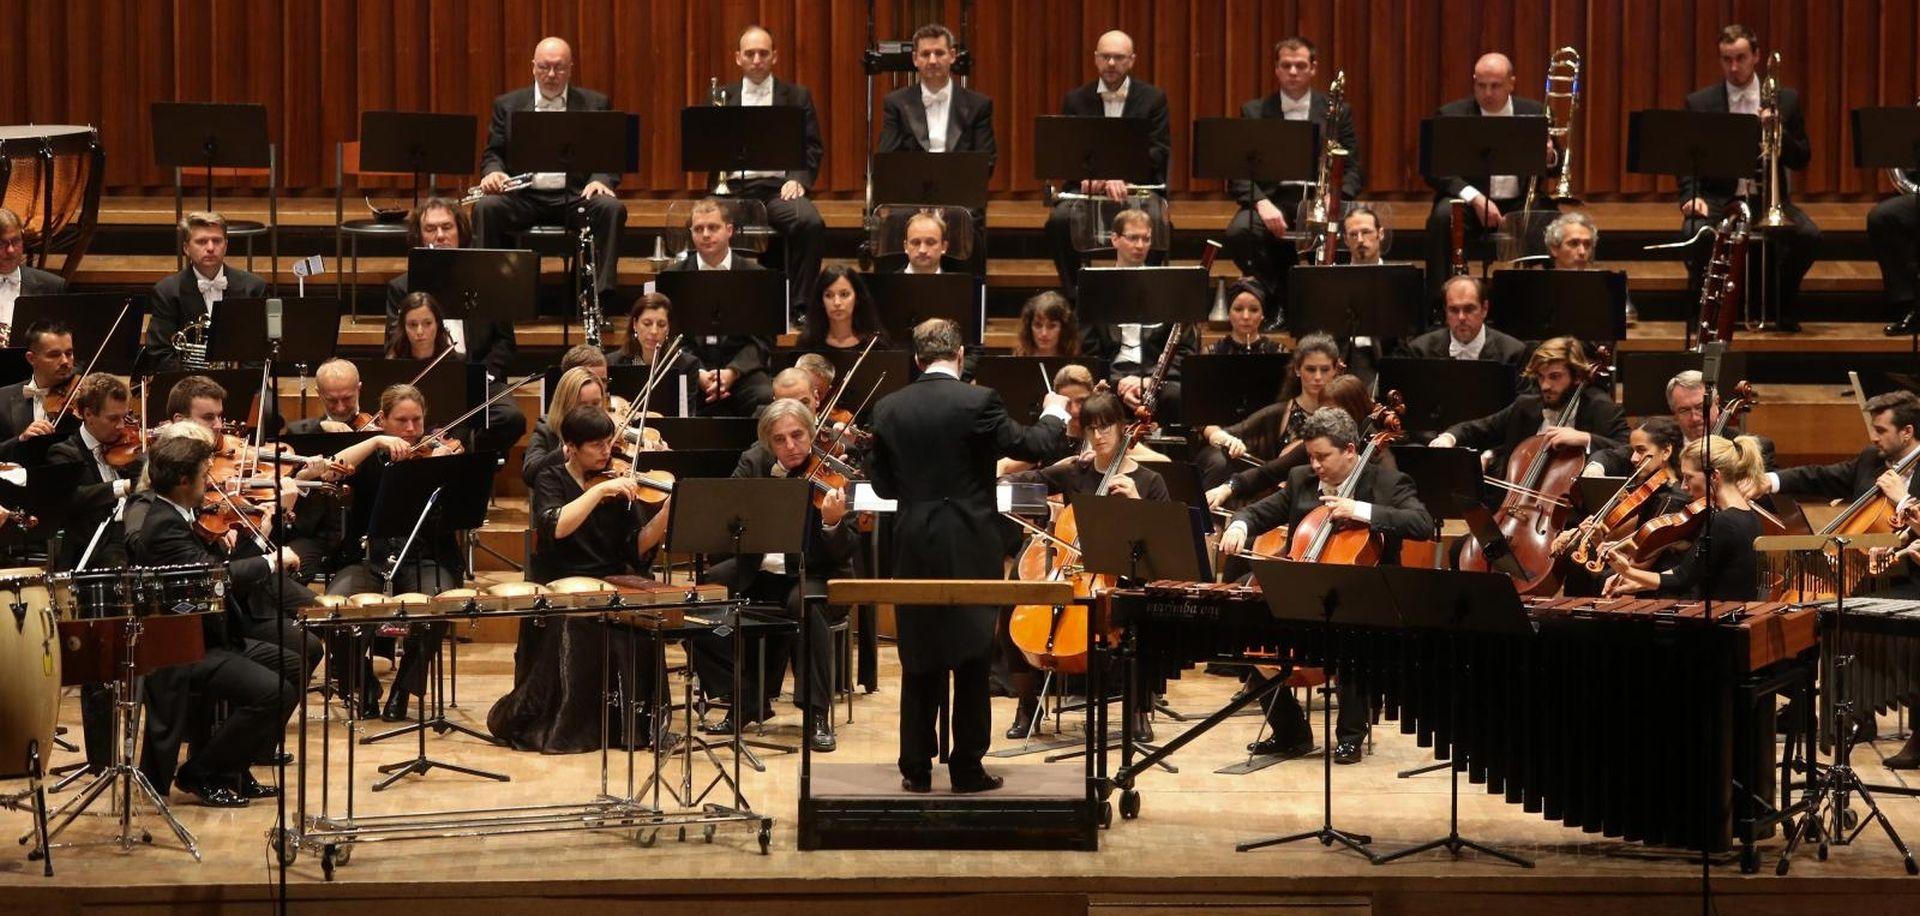 Filharmonija želi status nacionalnog orkestra a ministrica ne